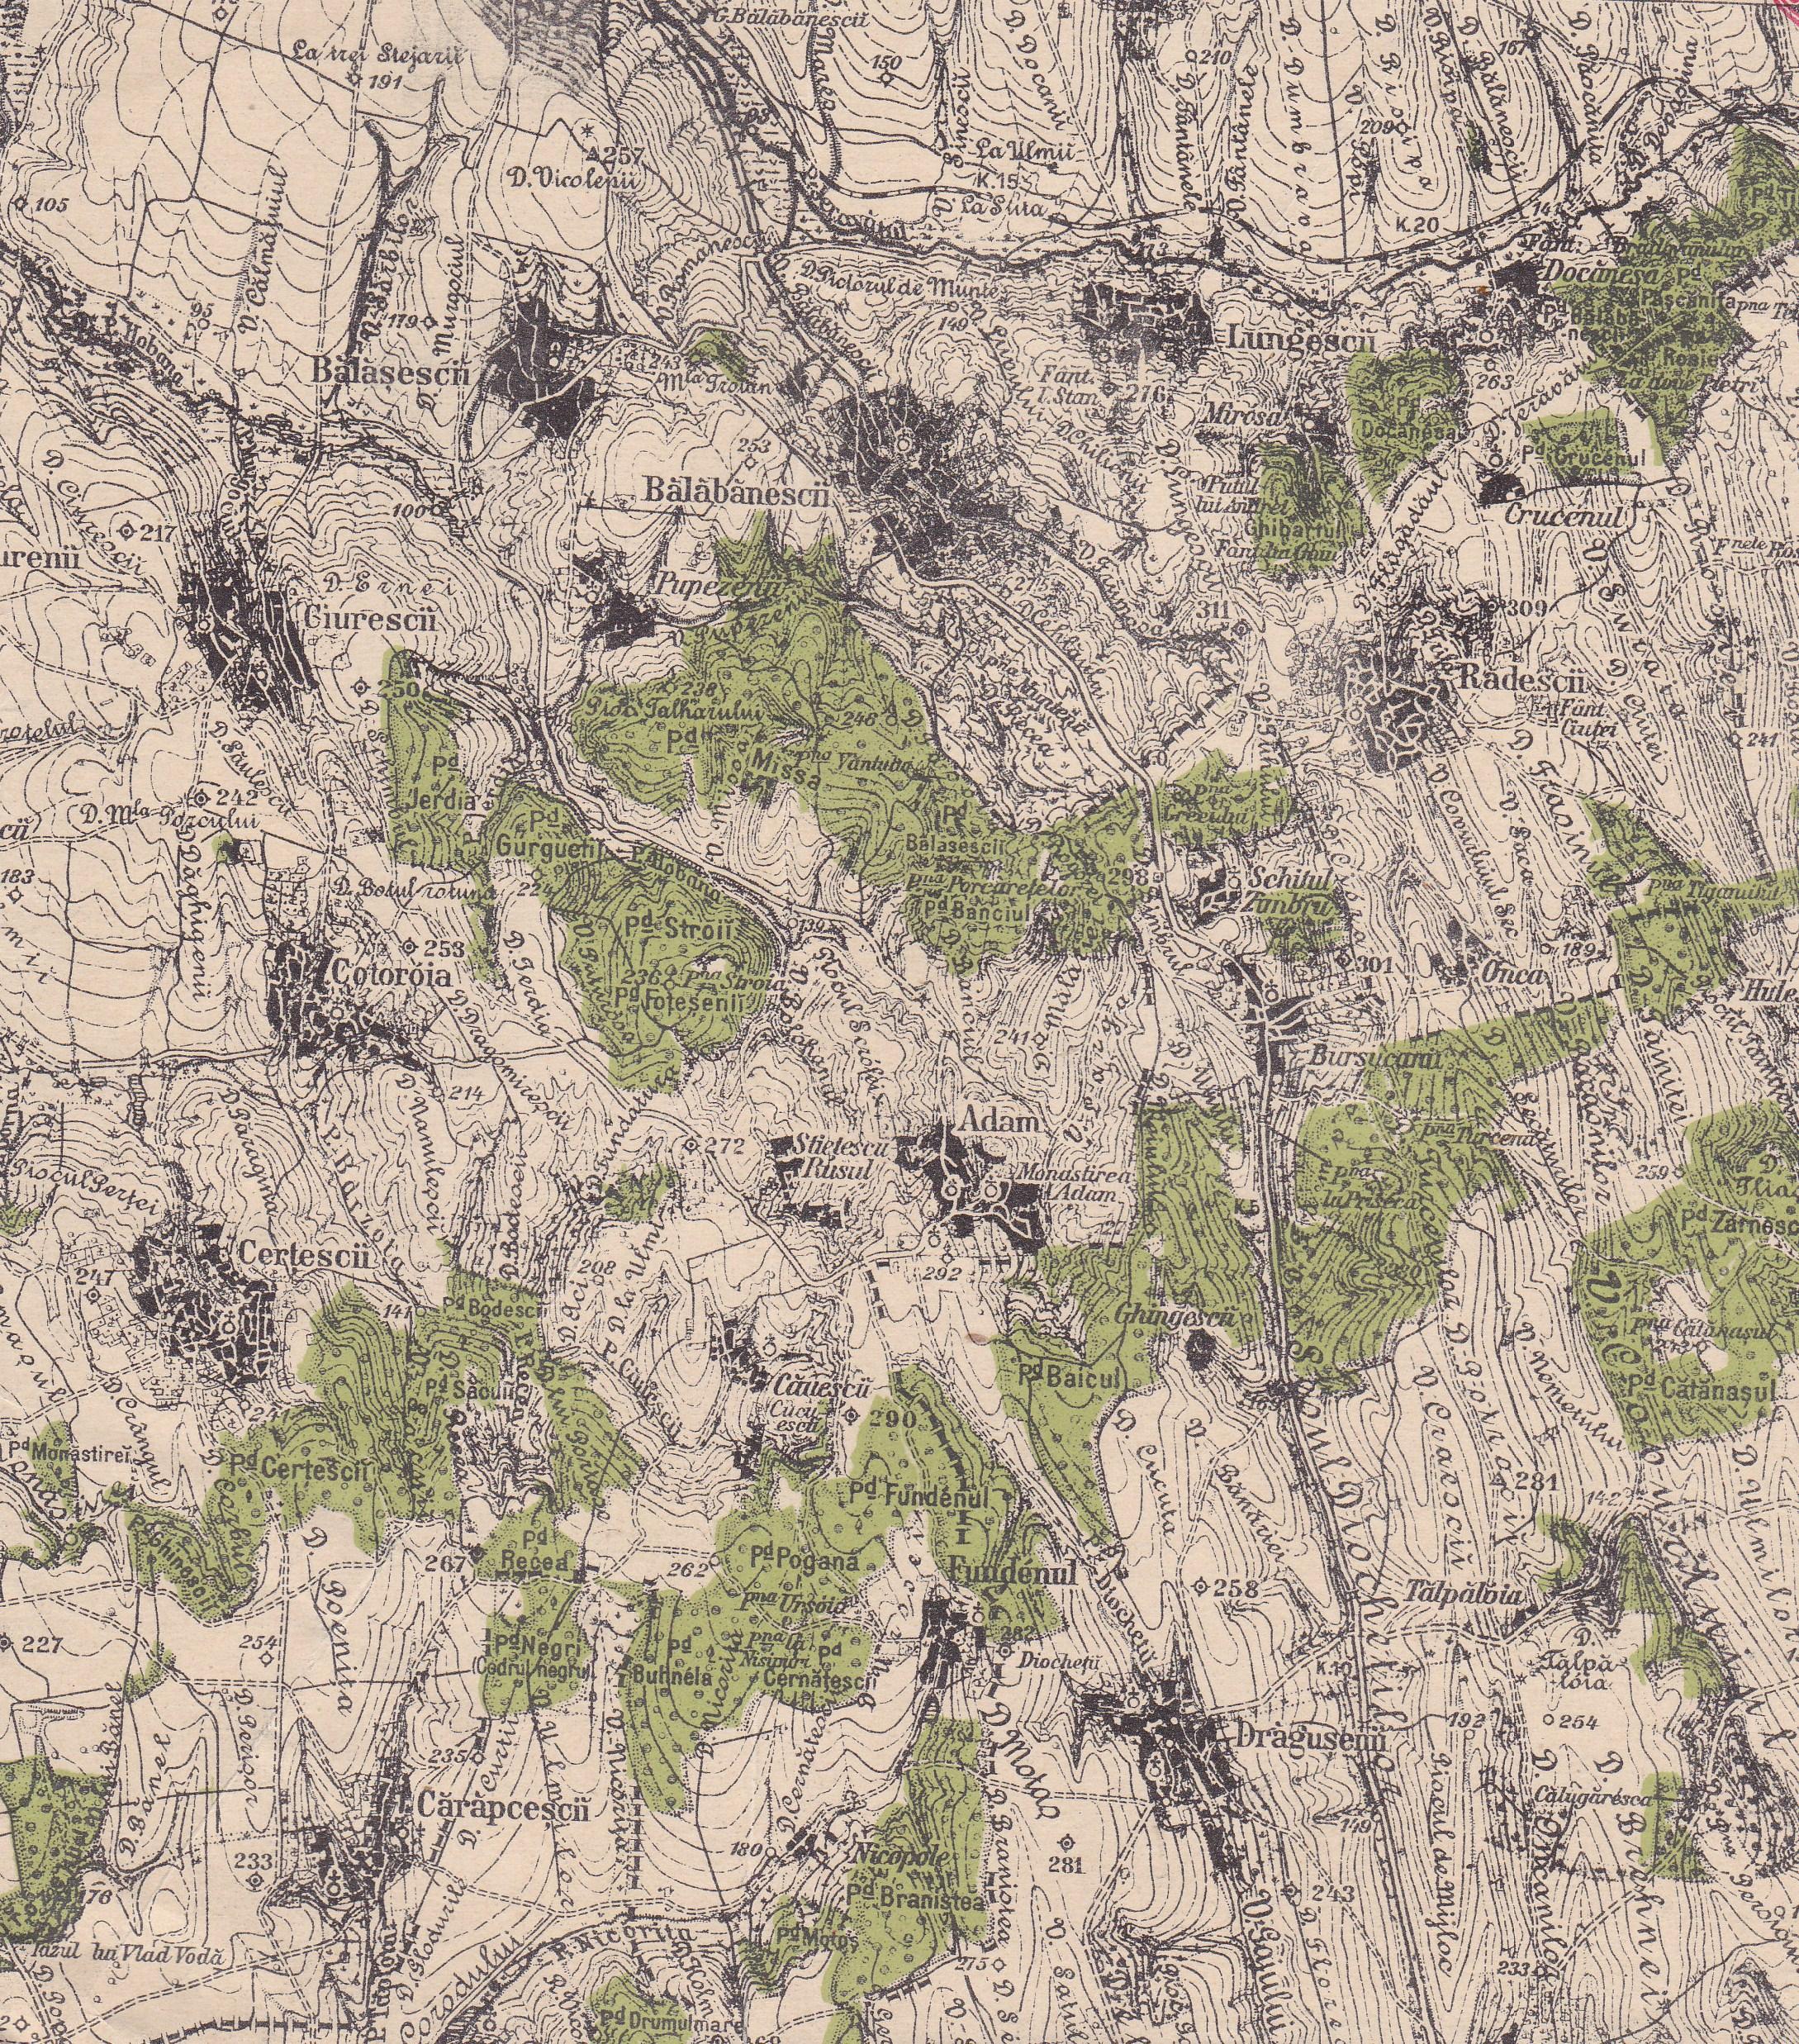 Satul Bălăbăneşti şi vecinii apropiaţi, date geografice şi economice de la 1898-1902